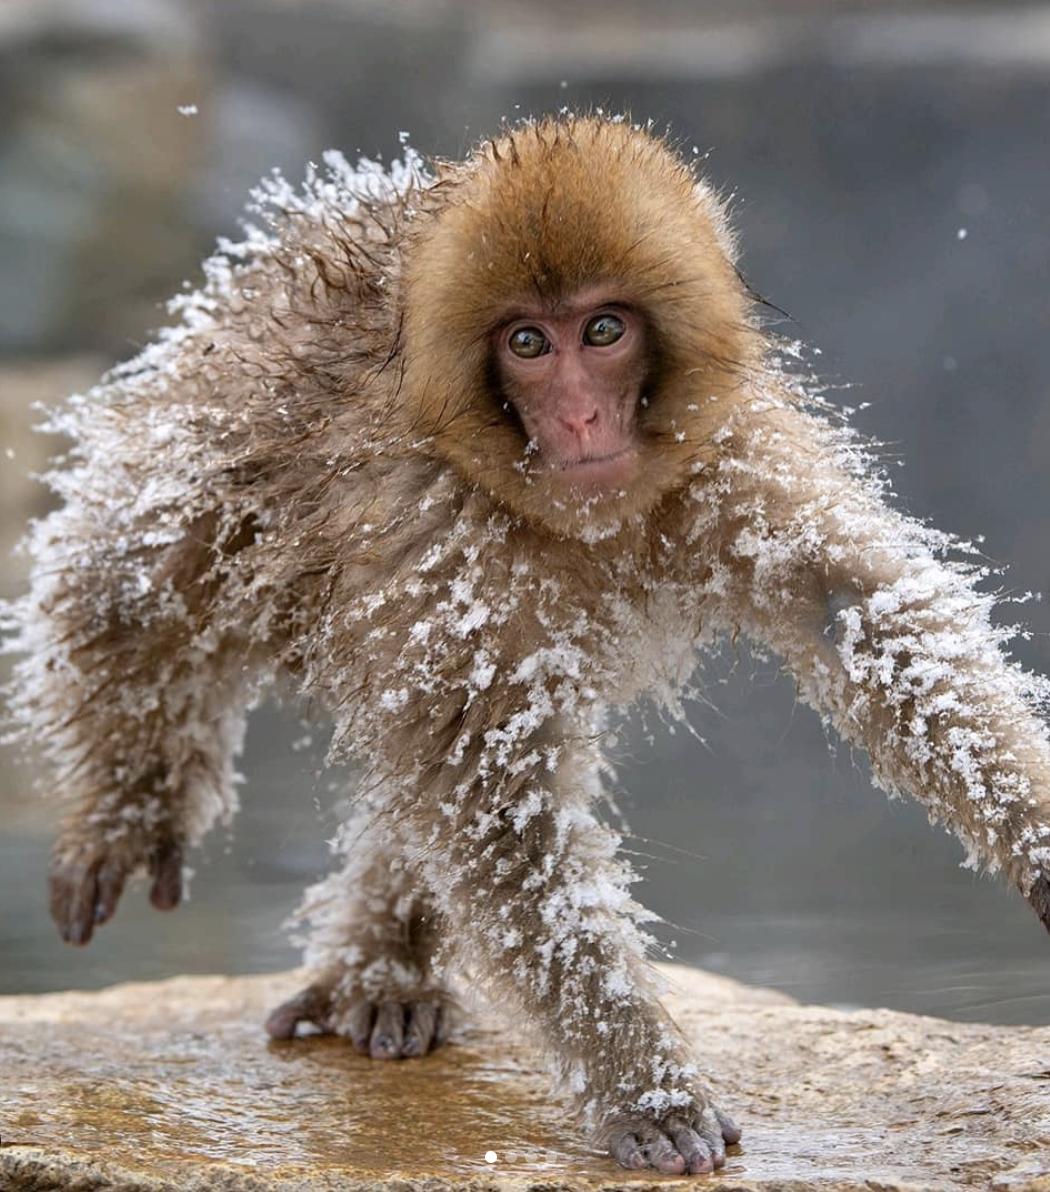 Зима 2020-2021 видалась трохи морознішою, ніж очікували мавпочки